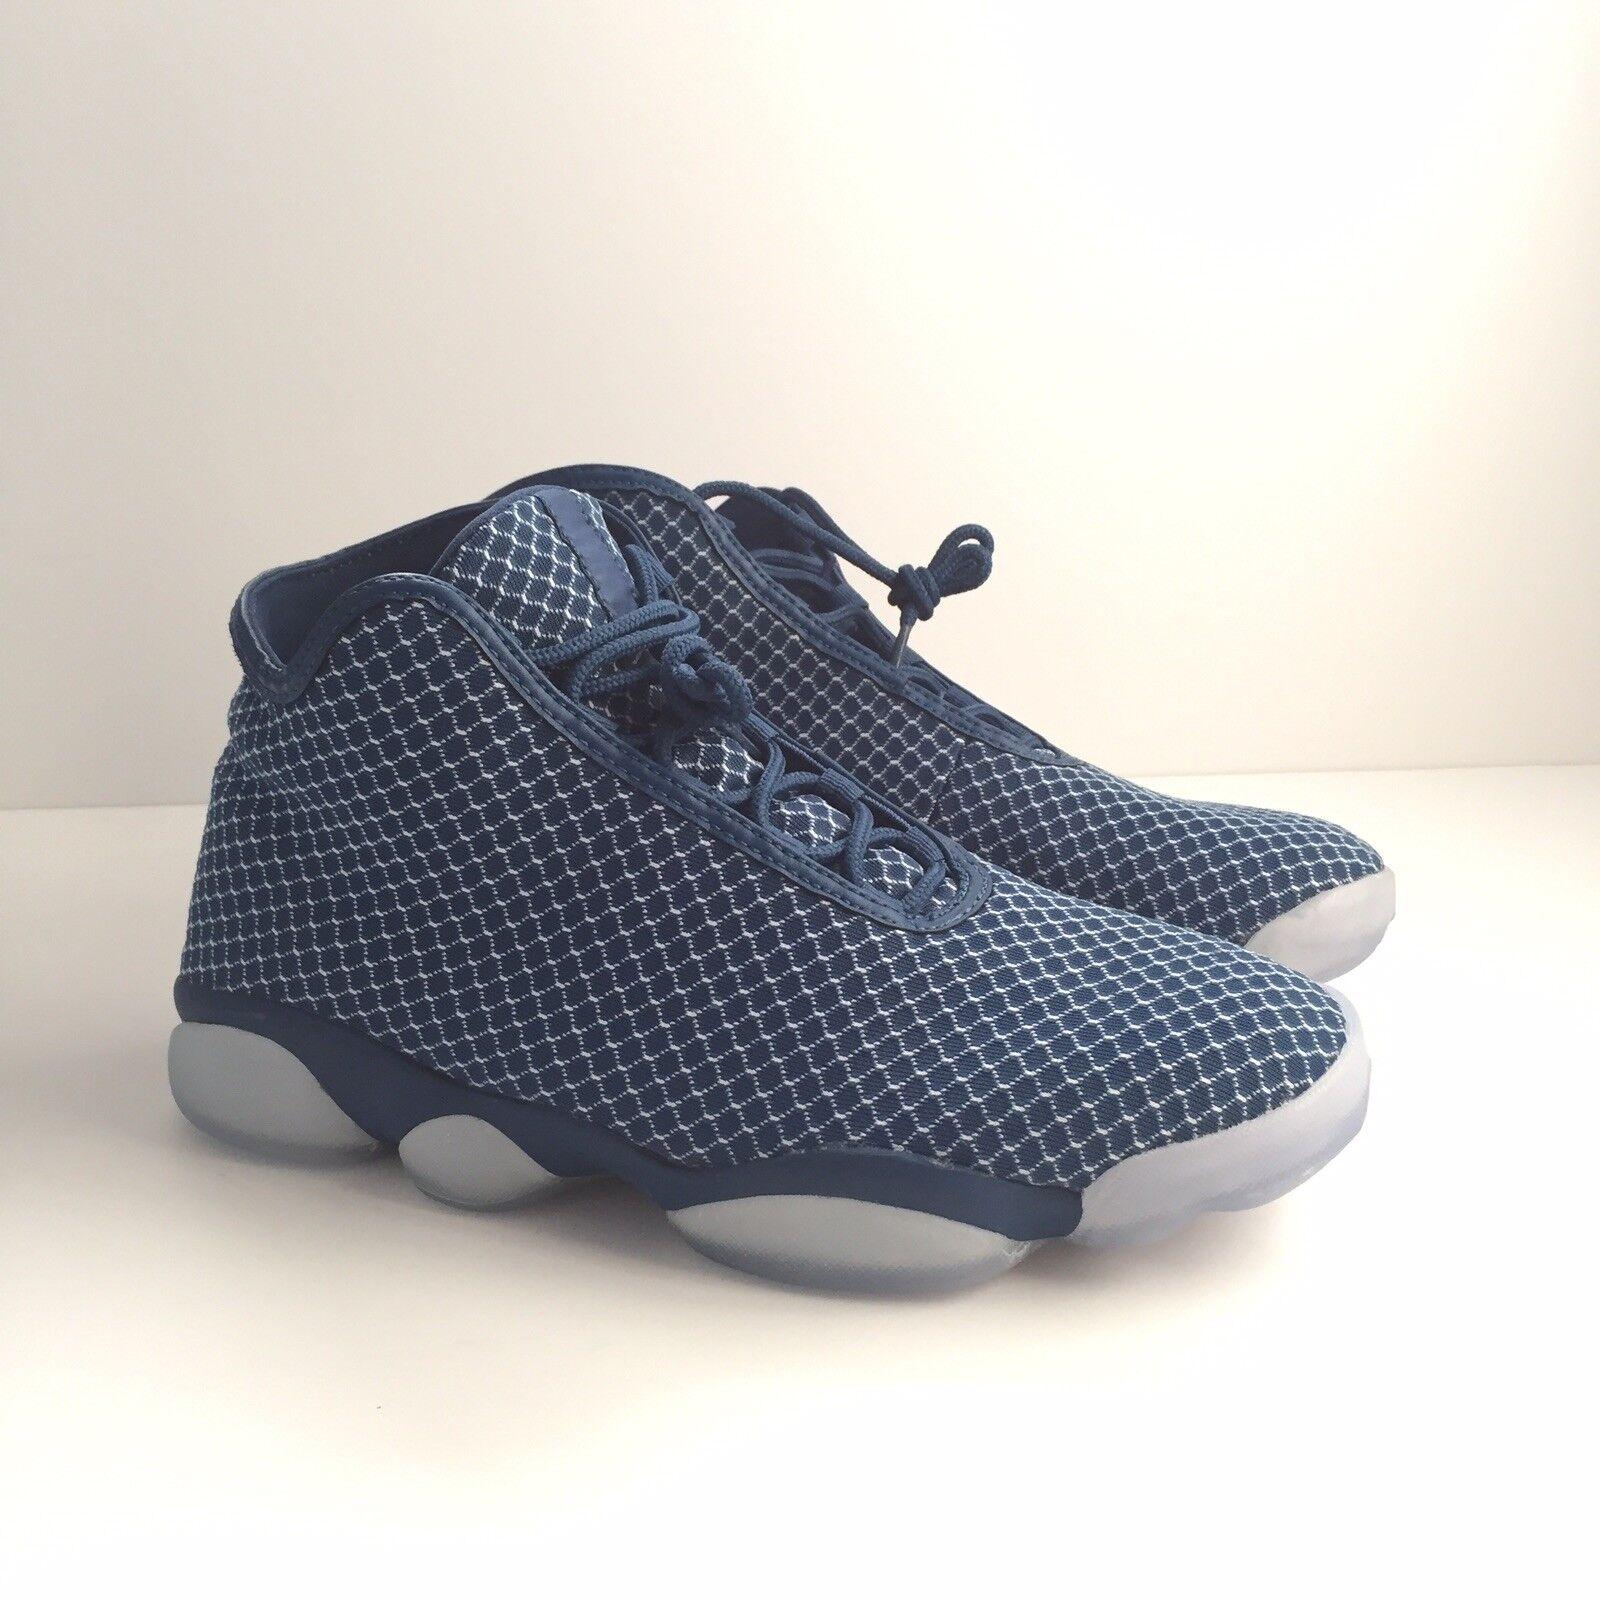 Nike Air Jordan Horizon Hi Top Size 10 Men's Basketball Sneakers 823581-400